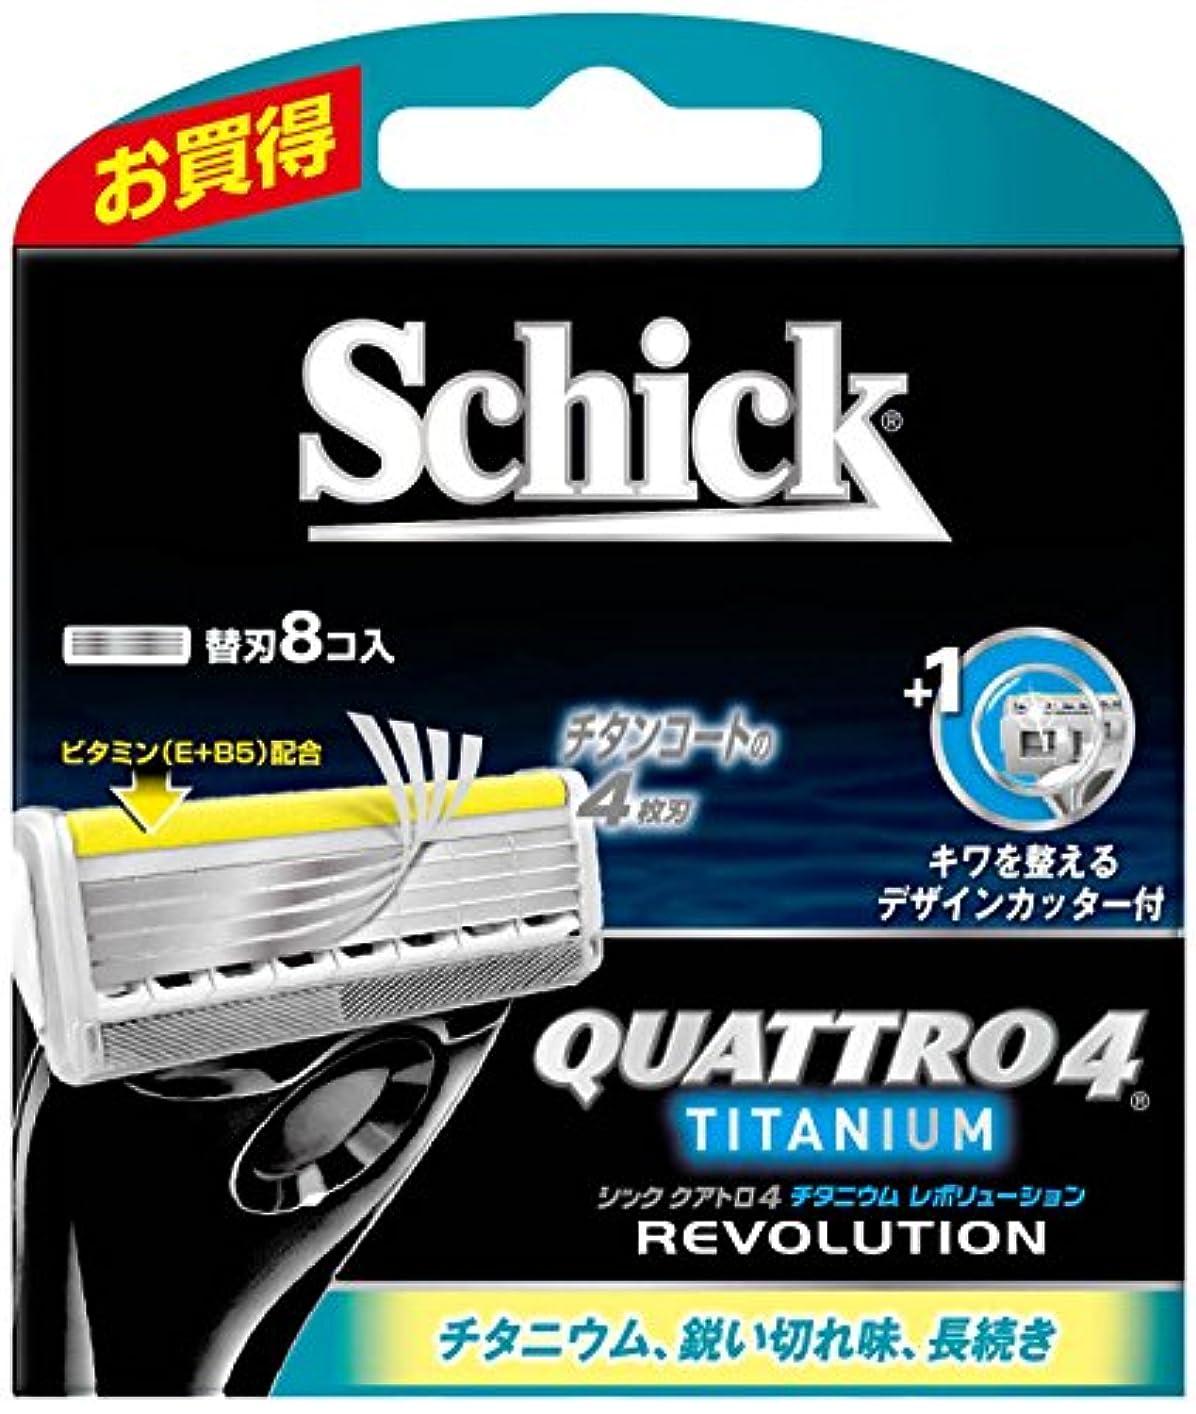 斧ミキサーレンダーシック Schick クアトロ4 4枚刃 チタニウムレボリューション 替刃 (8コ入)